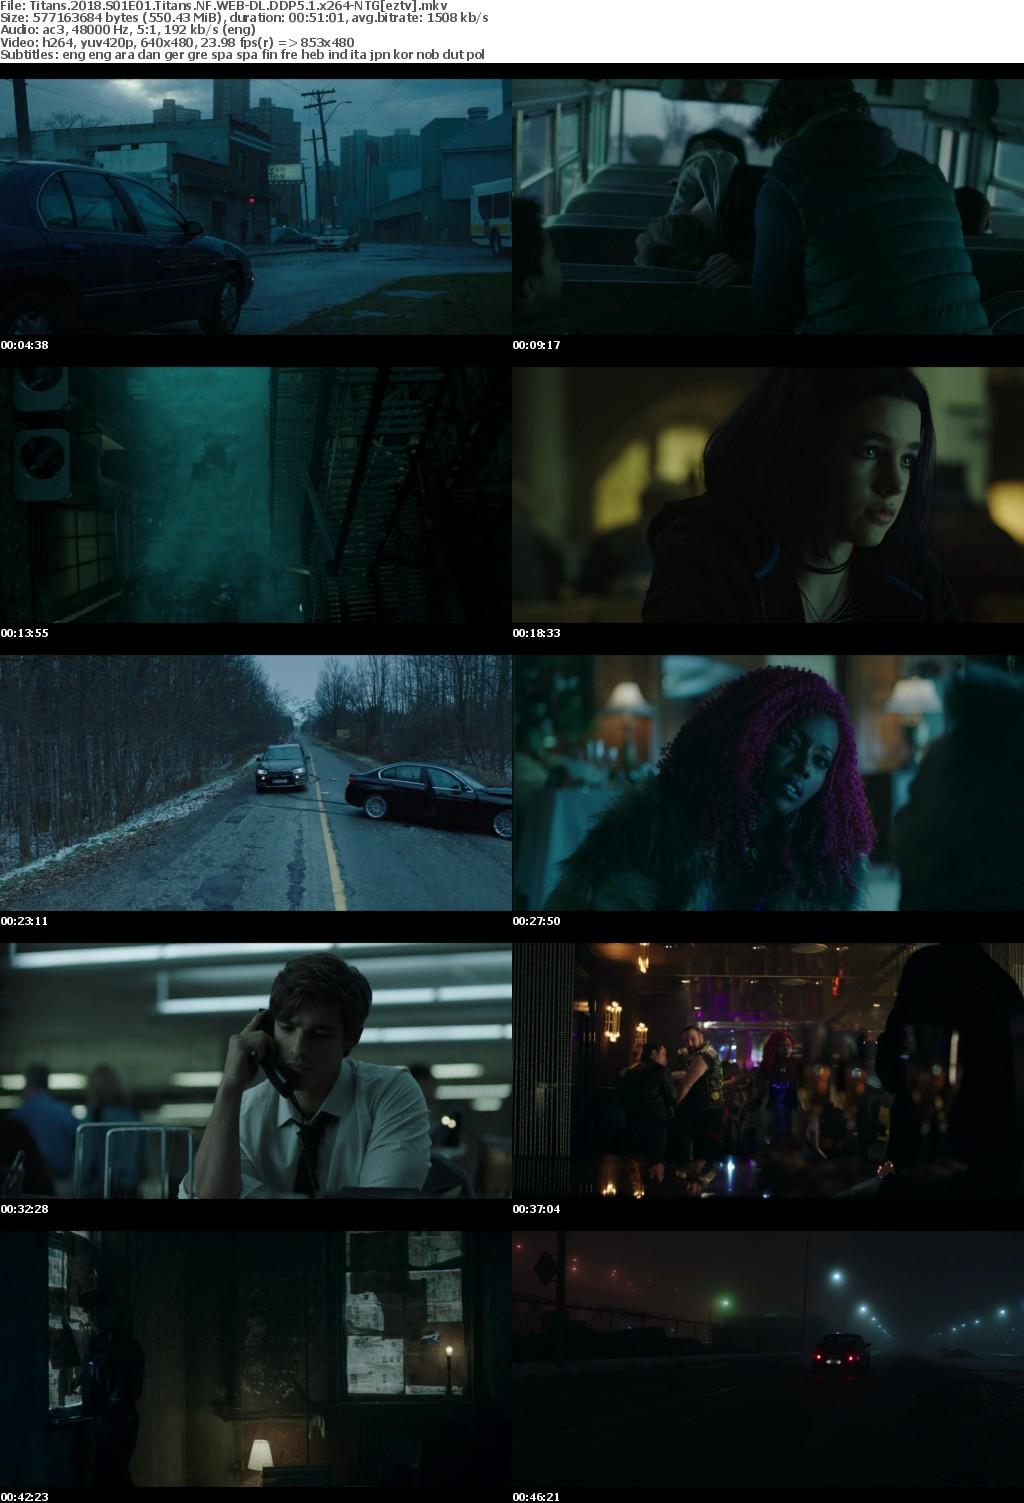 Titans 2018 S01E01 Titans NF WEB-DL DDP5 1 x264-NTG